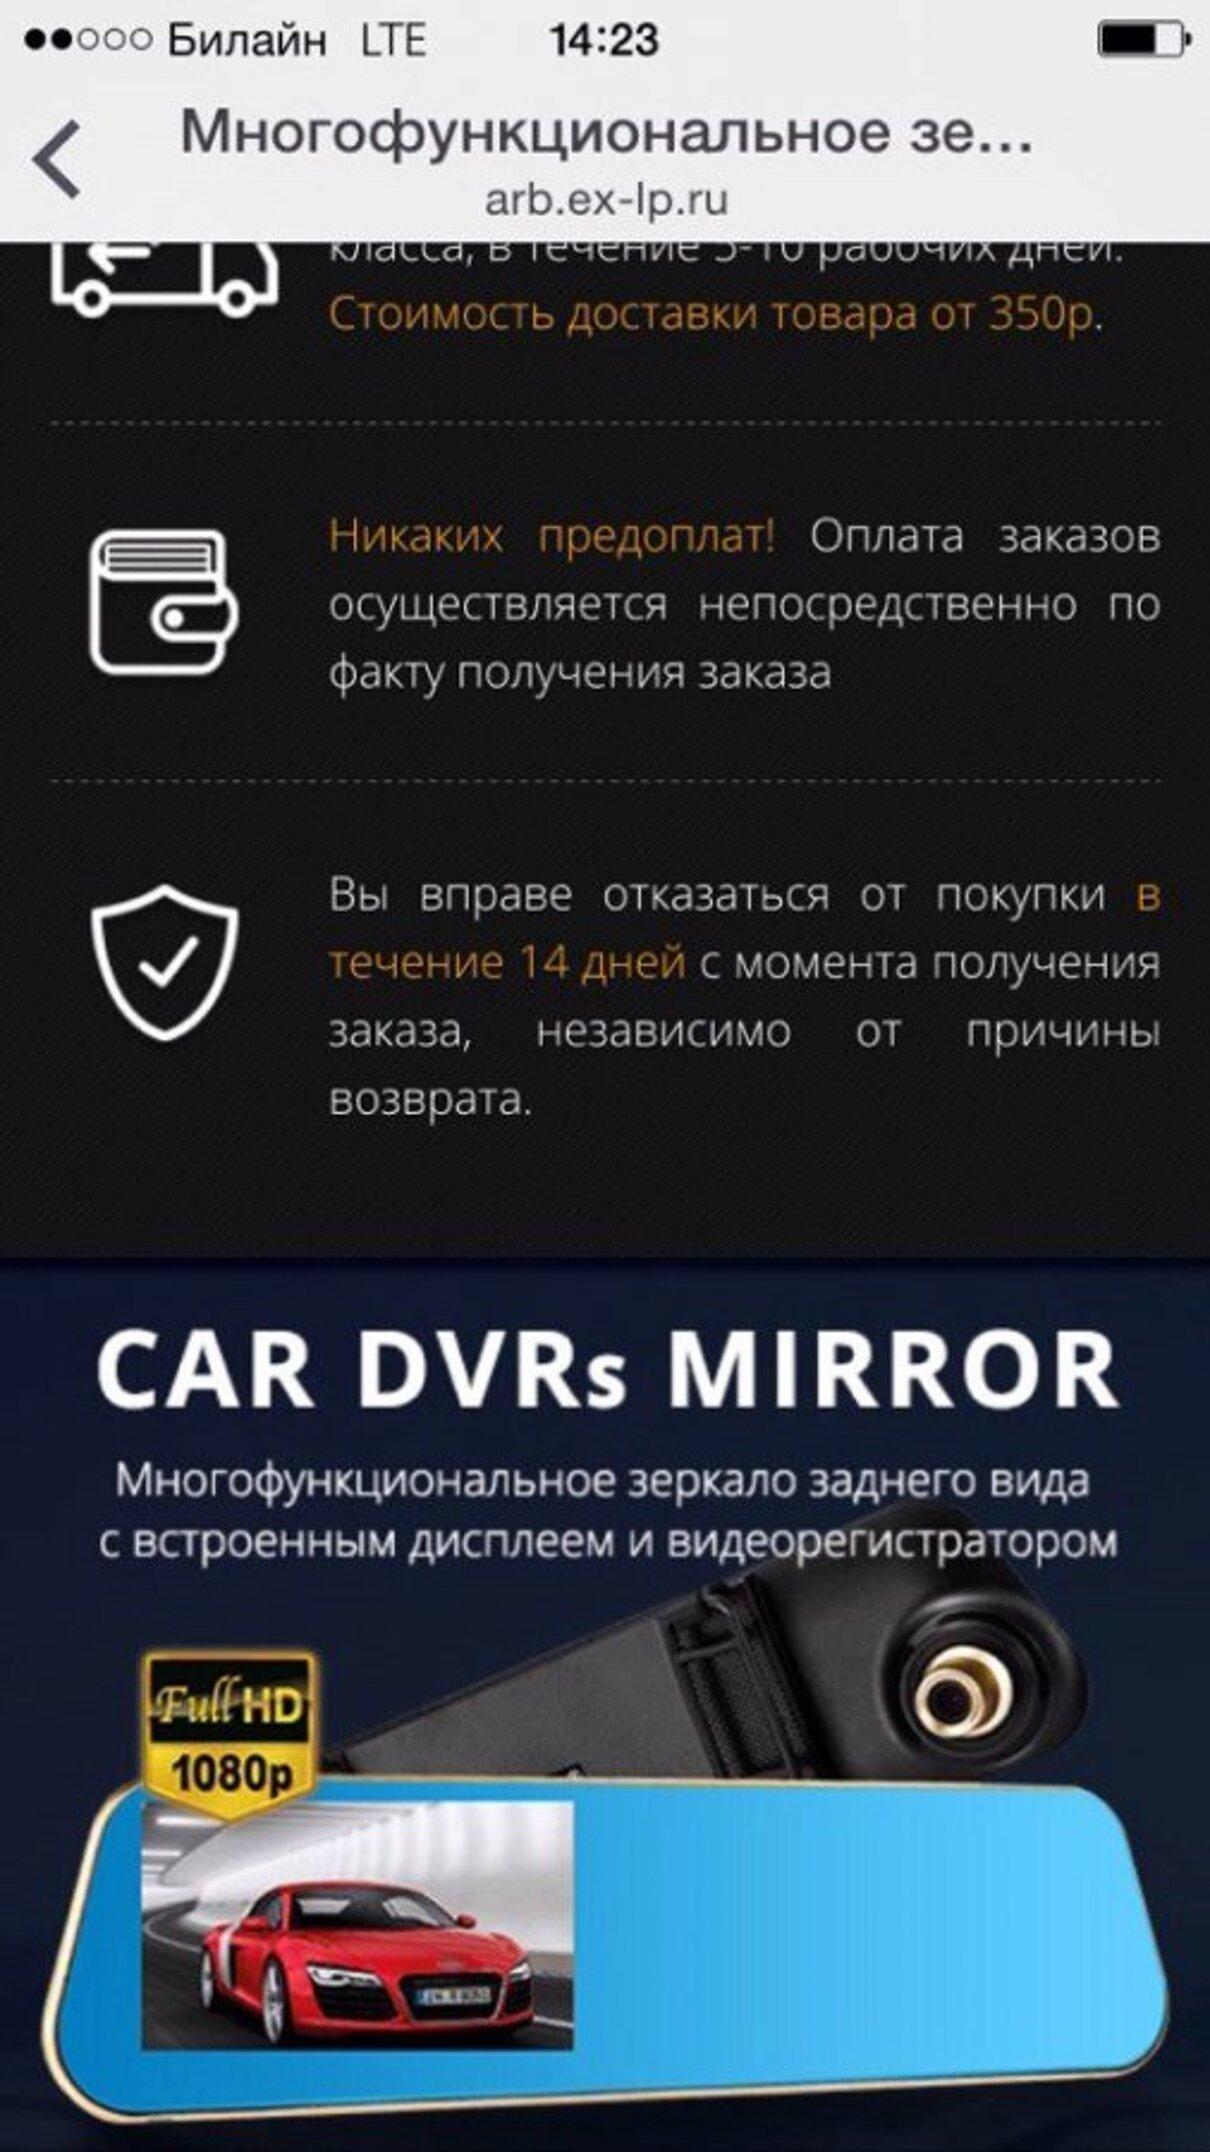 """Жалоба-отзыв: Подольск """"virta"""" 140961 - Обманули.  Фото №1"""